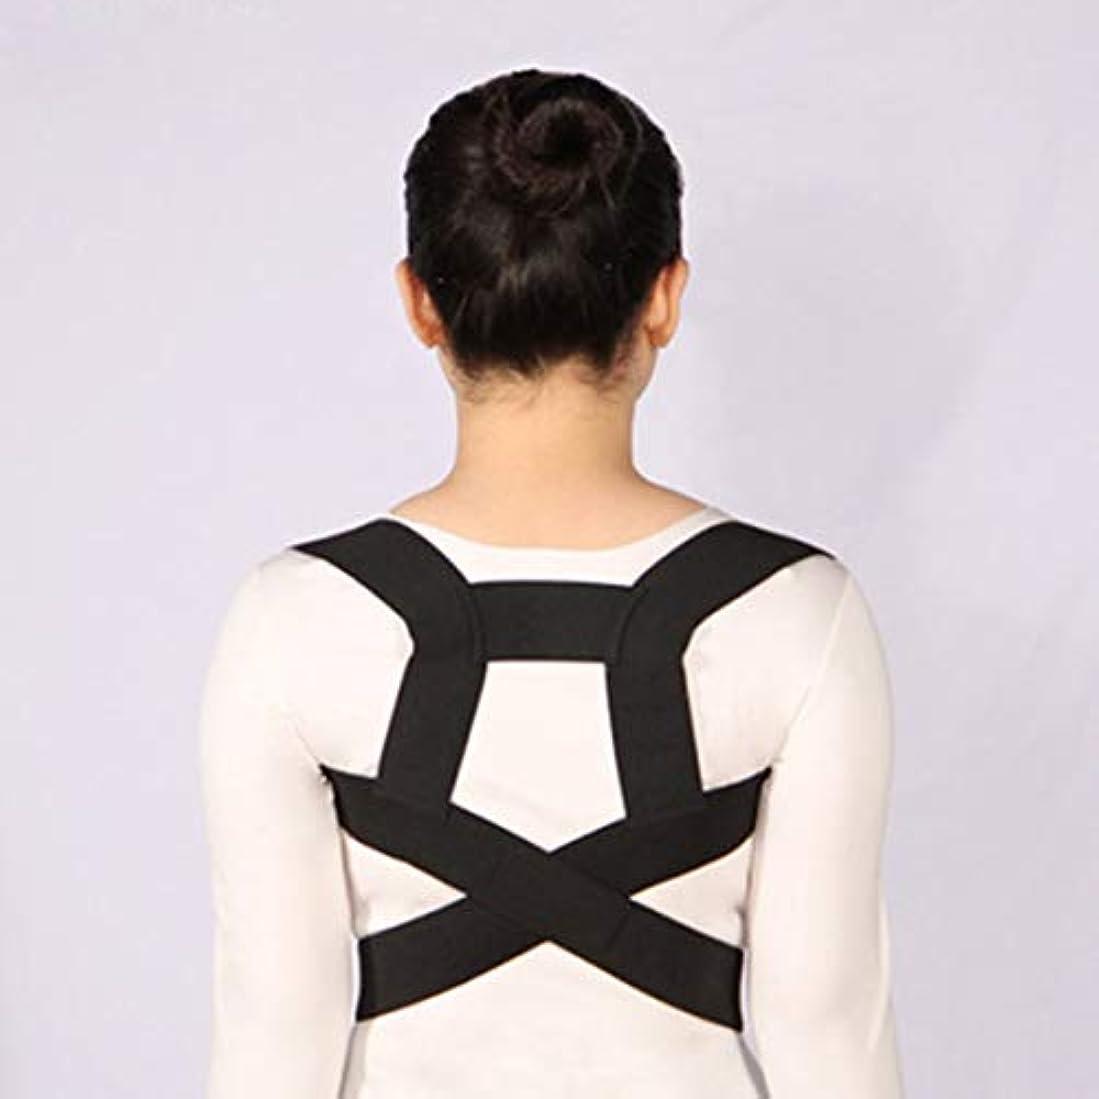 担保宿命材料姿勢矯正側弯症ザトウクジラ補正ベルト調節可能な快適さ目に見えないベルト男性女性大人シンプル - 黒